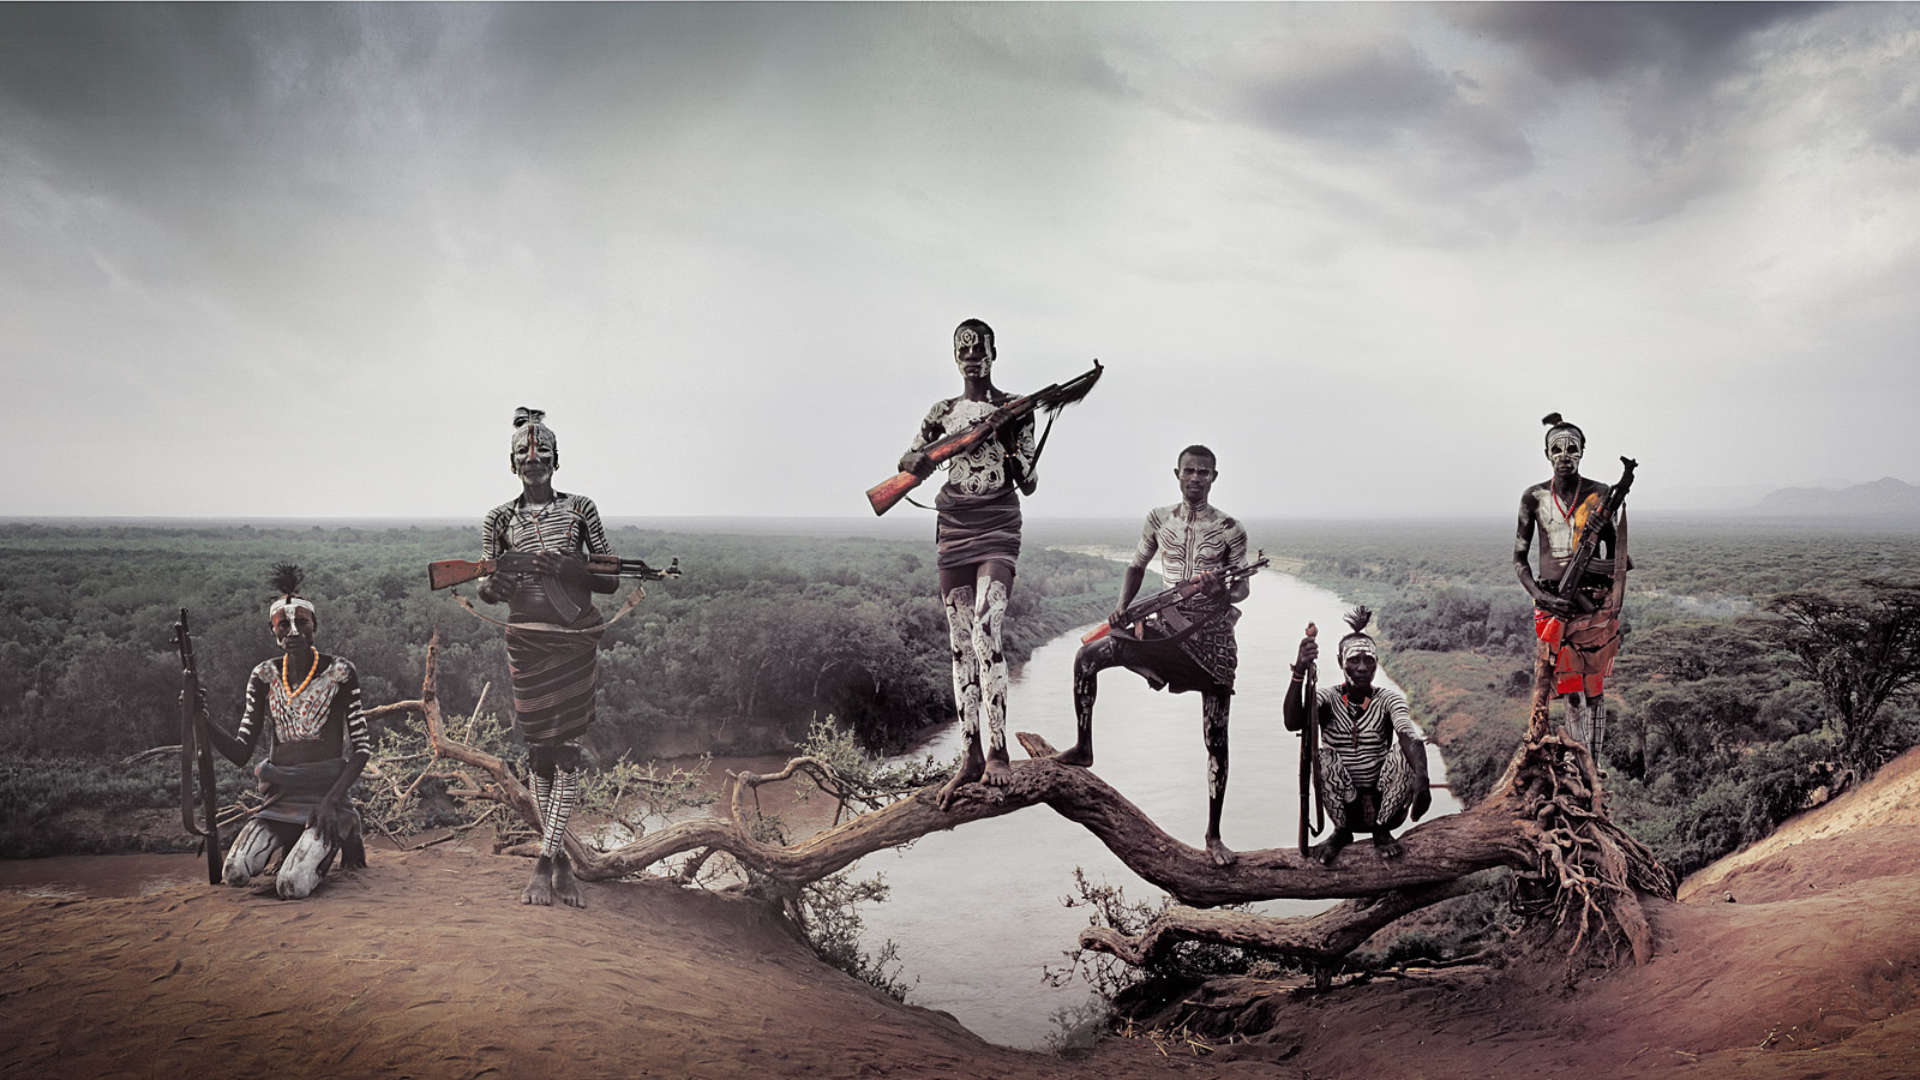 Karo stam, Omo vallei, Ethiopië